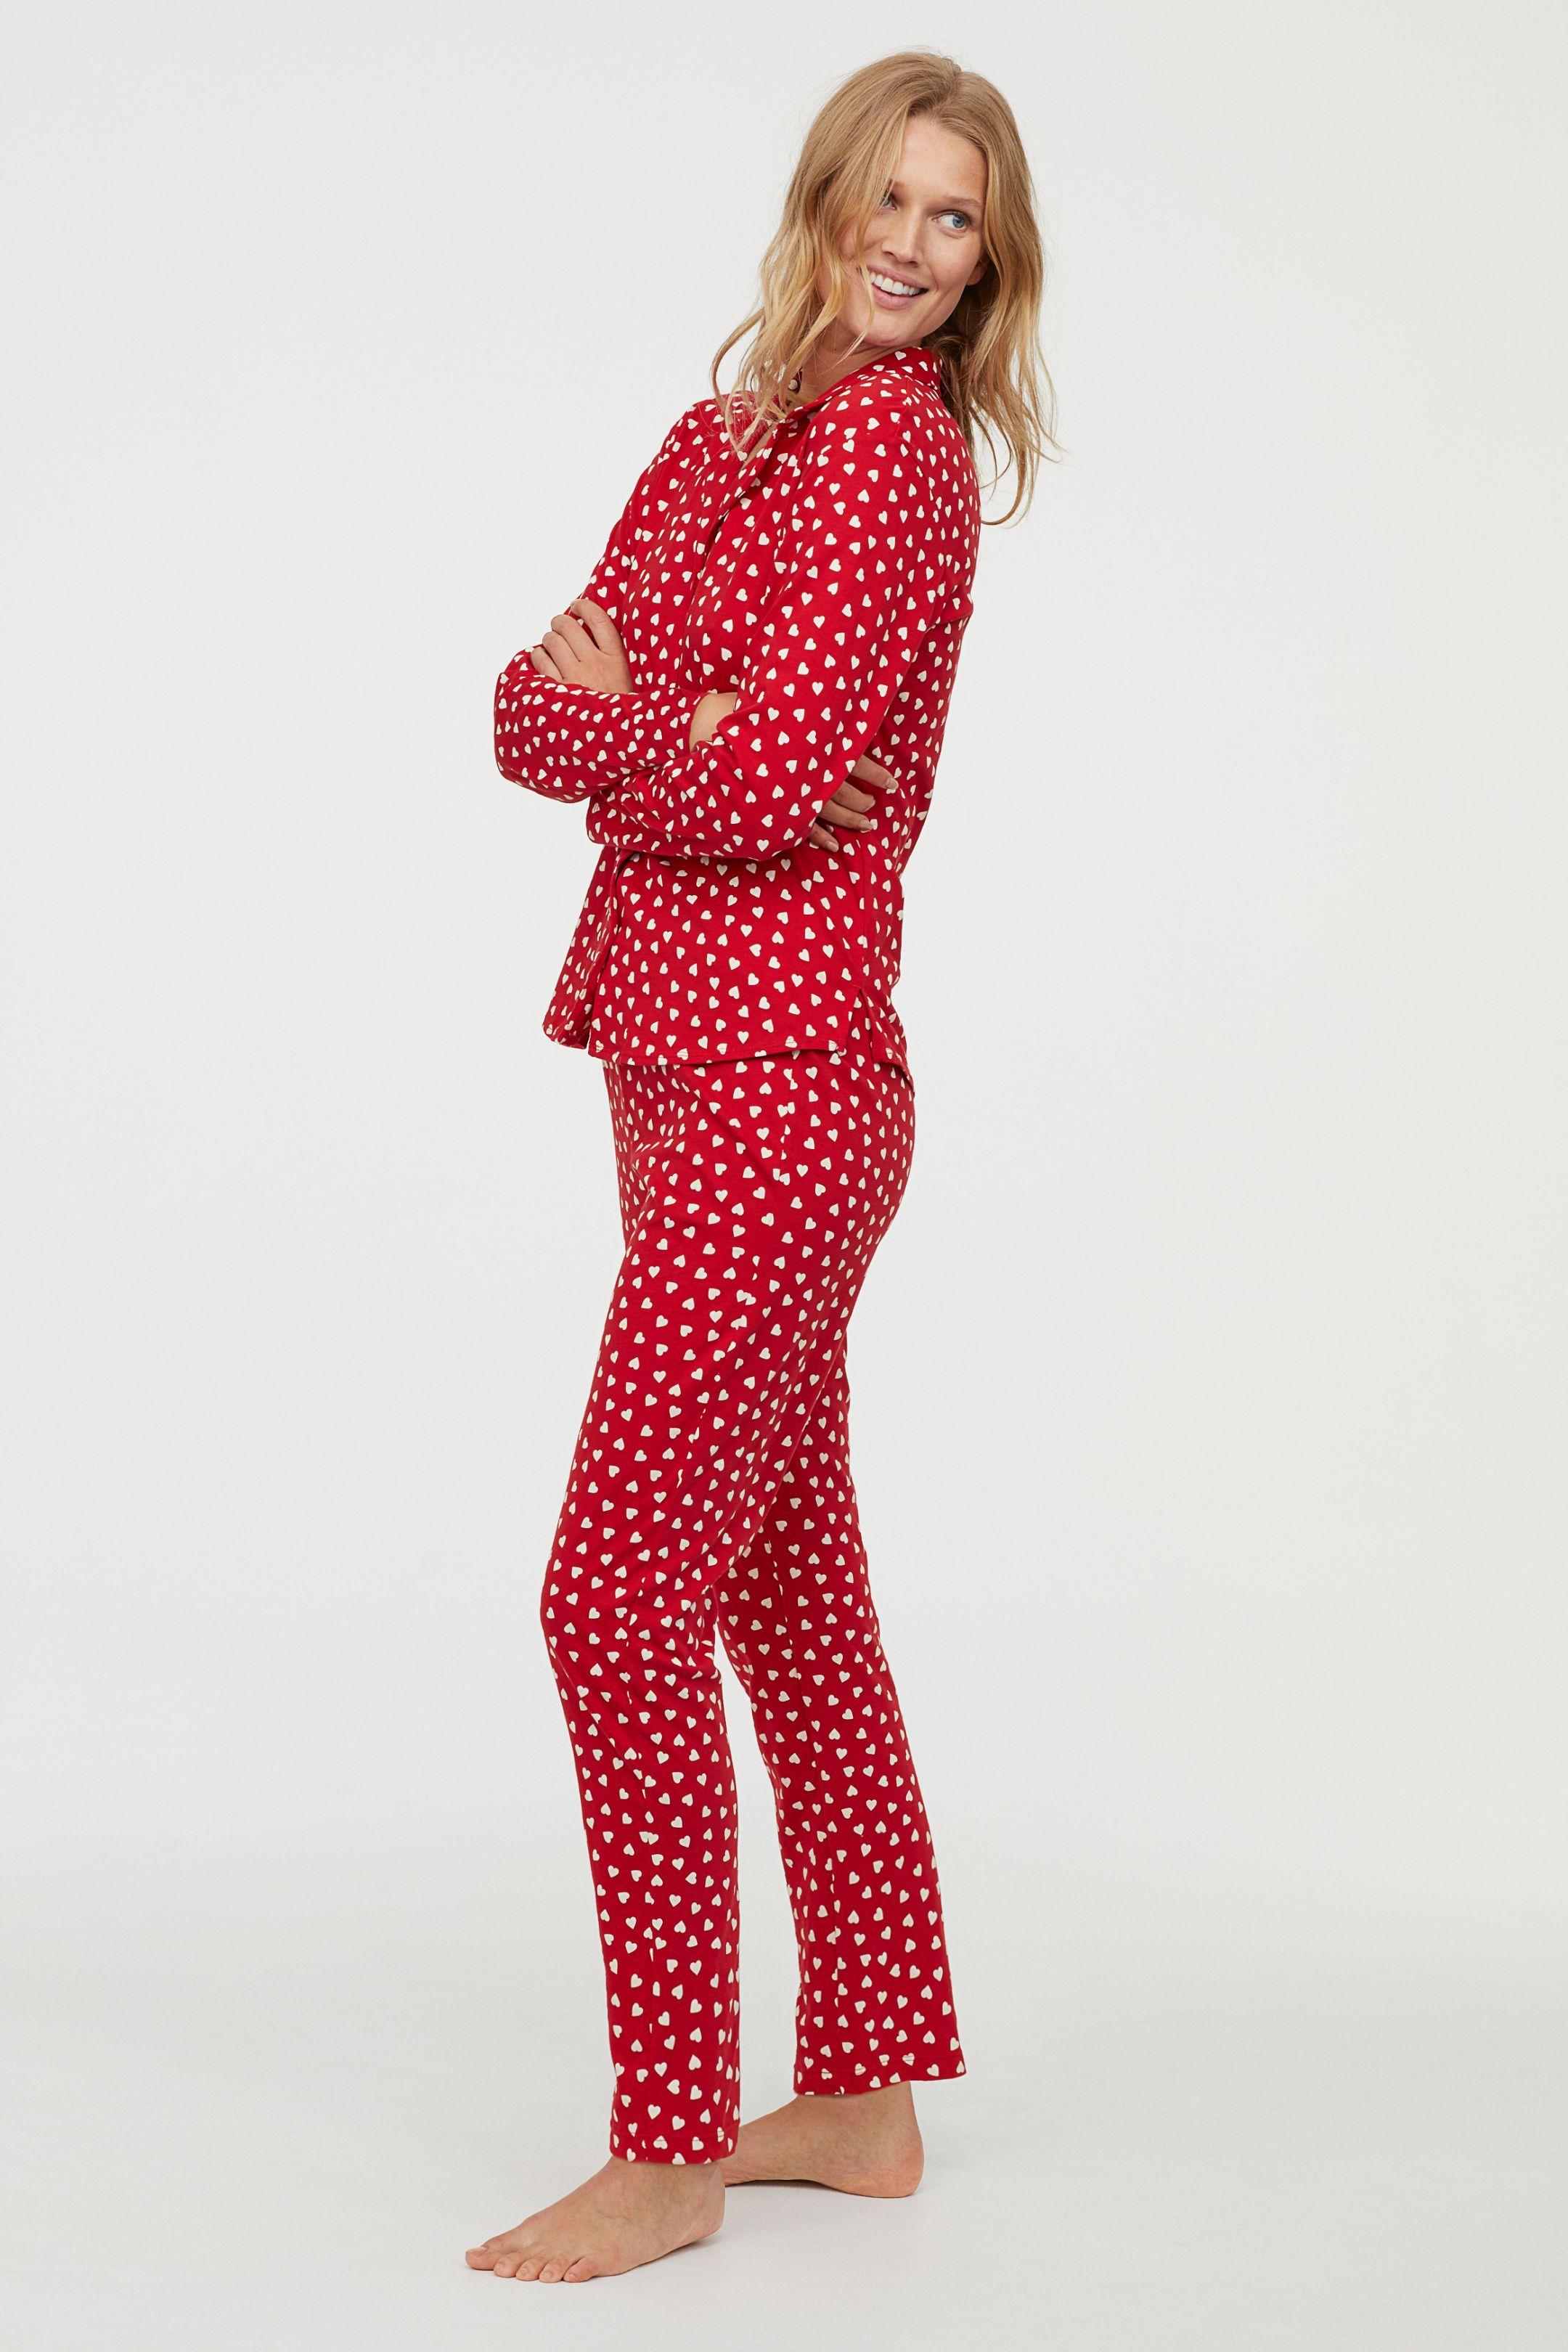 Mönstrad pyjamas - Röd Hjärtan - DAM  0811b287f4204